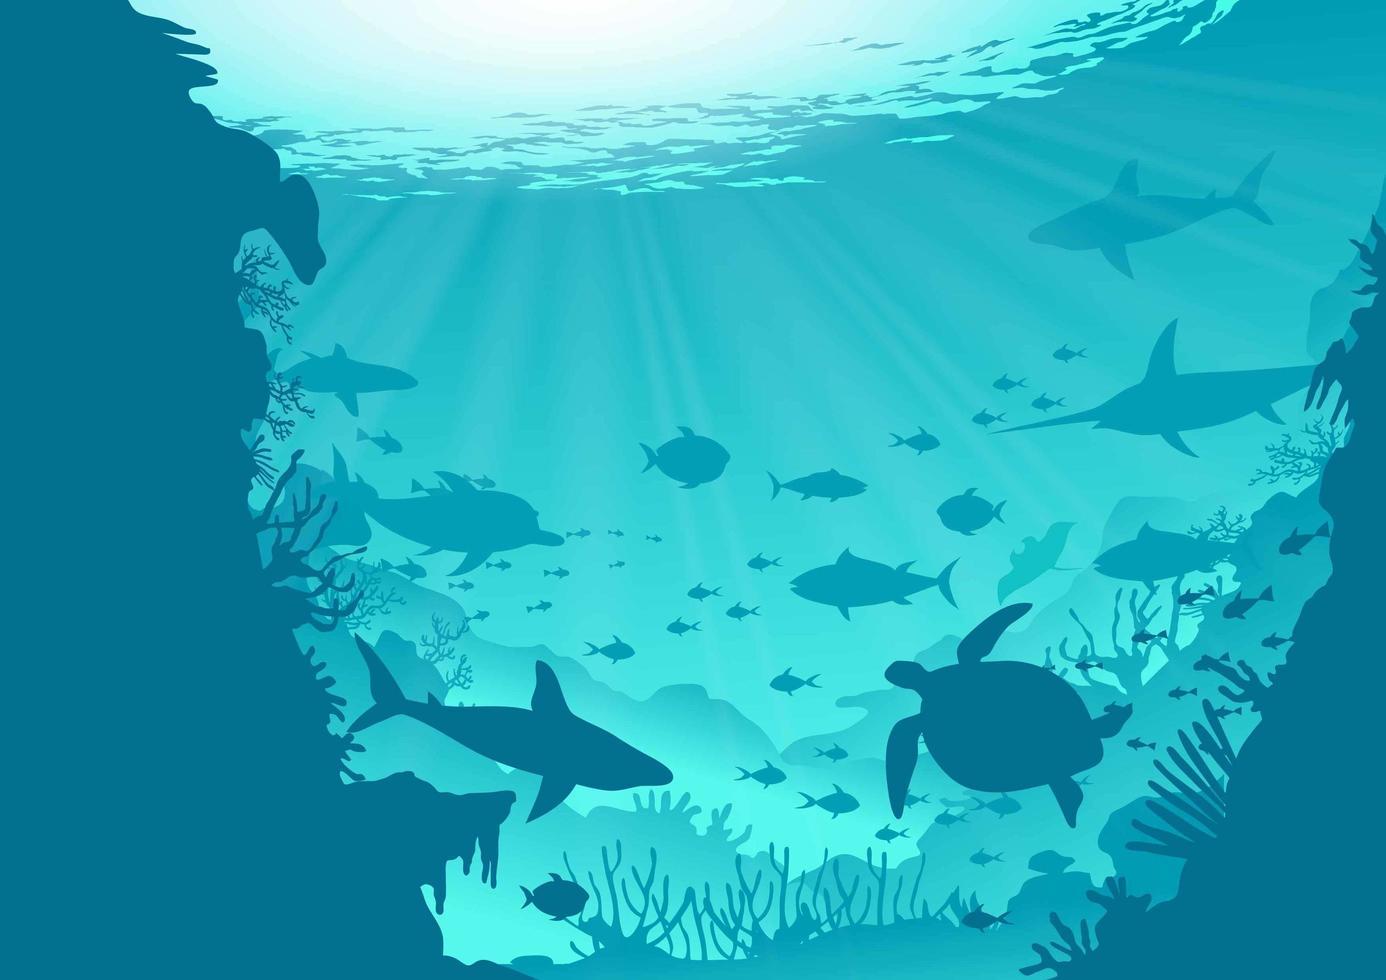 Deep Ocean Background